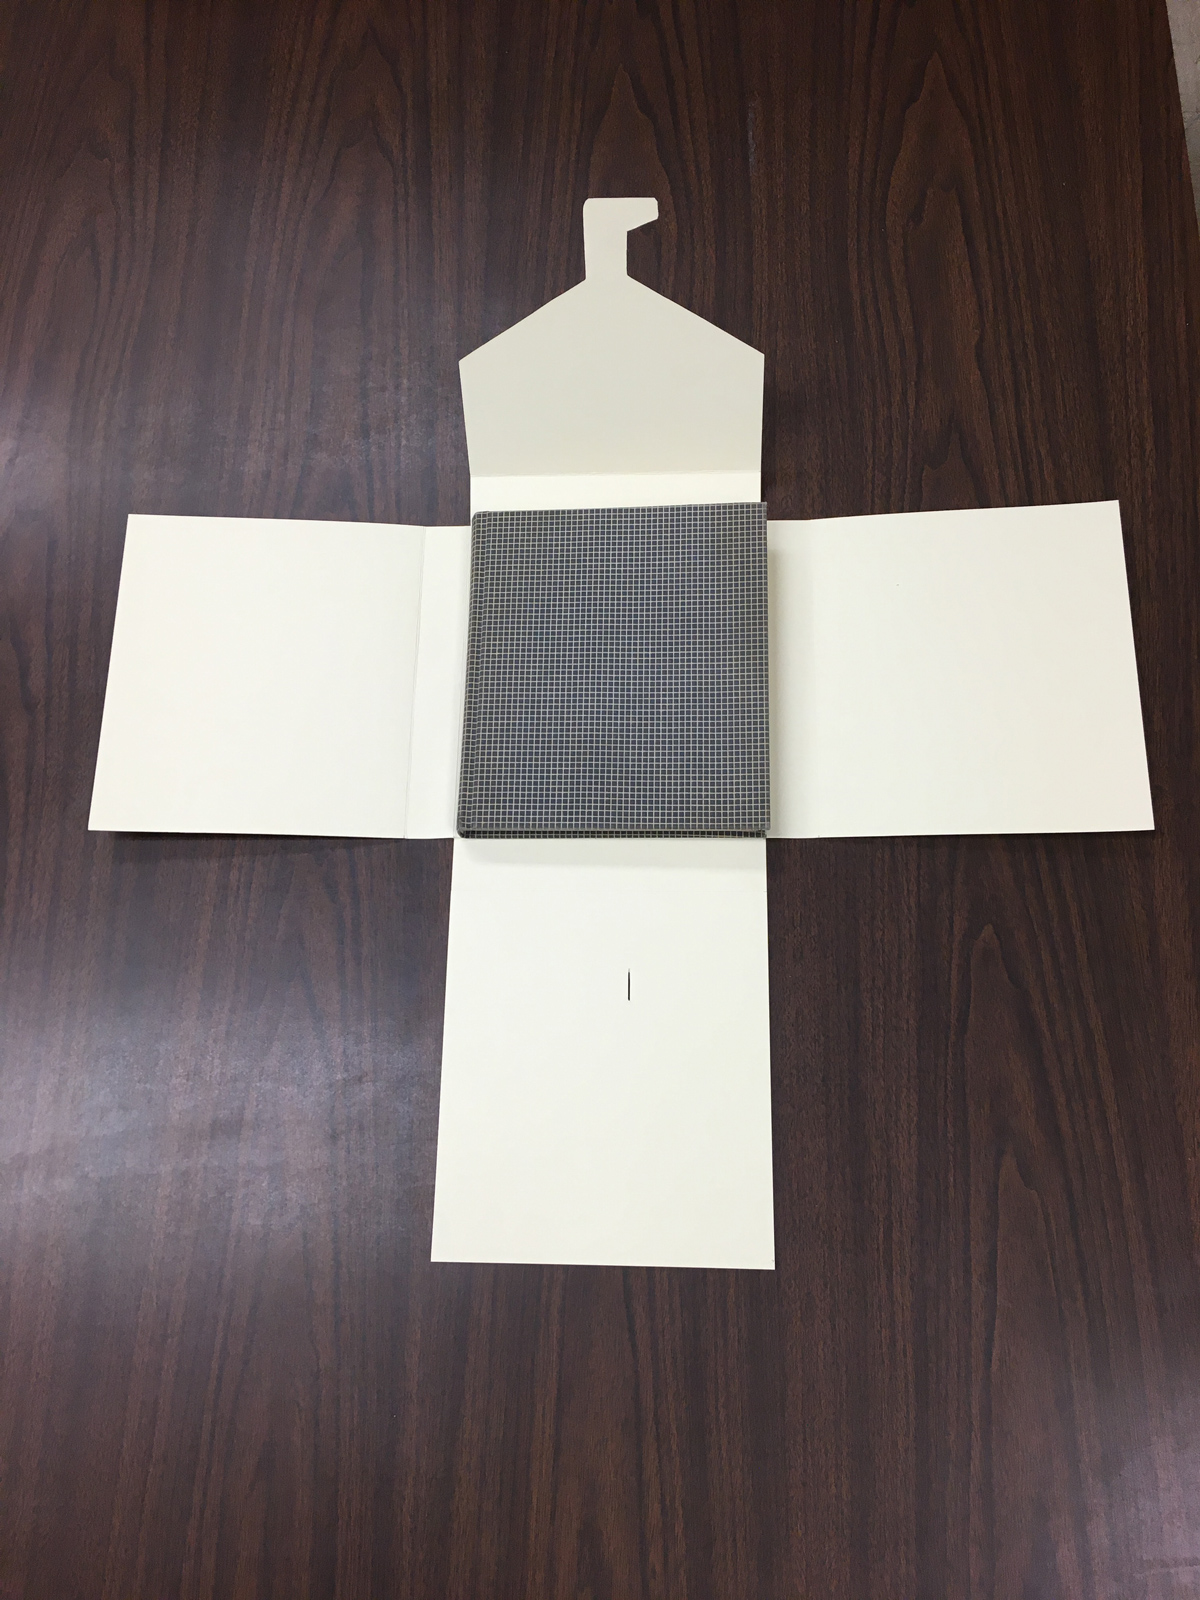 A Guy Davenport journal set in an open four-flap tux box.